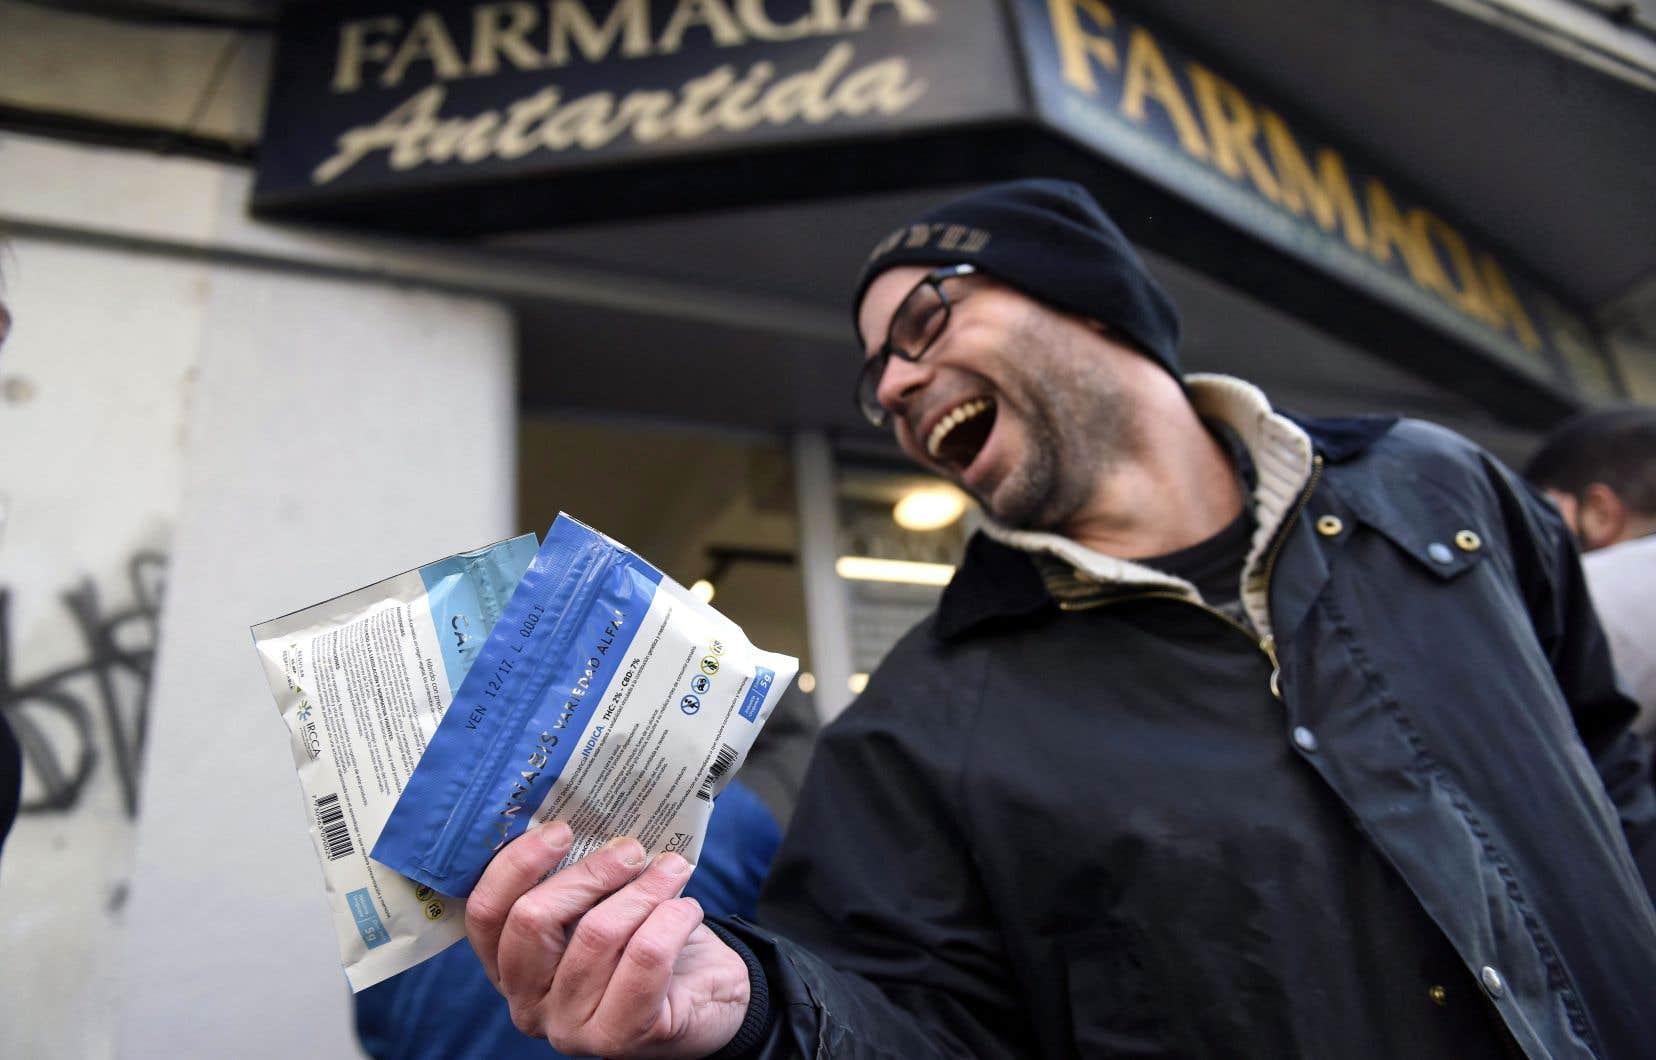 Un citoyen de Montevideo montre les deux sacs de cannabis achetés en pharmacie après que l'Uruguay eut rendu légale la vente de la marijuana sous le contrôle de l'État en juillet dernier.